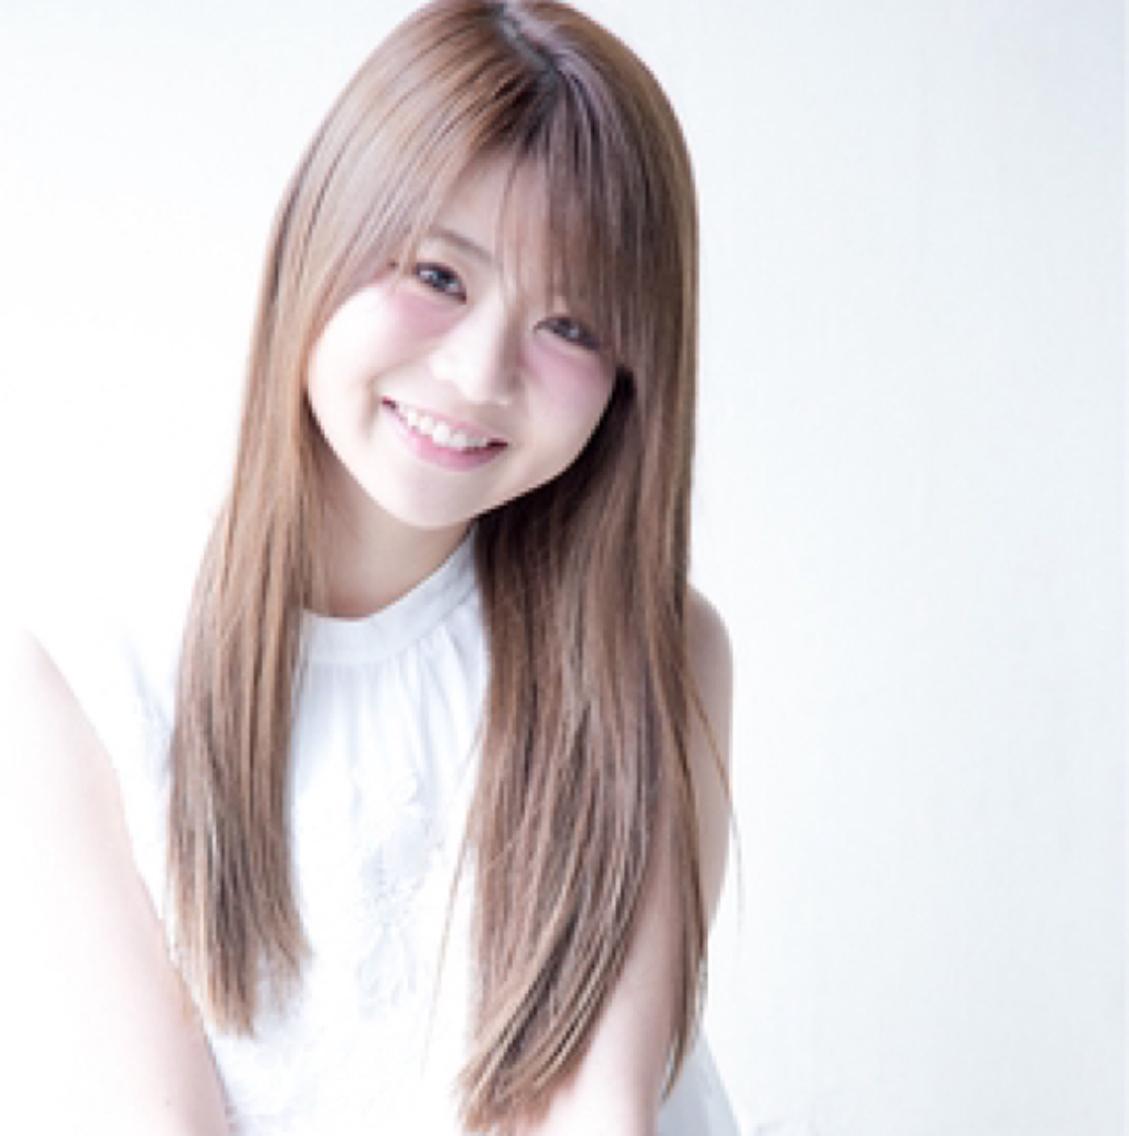 『亀有駅』髪質改善ヘアエステサロン☆カットモデル募集☆